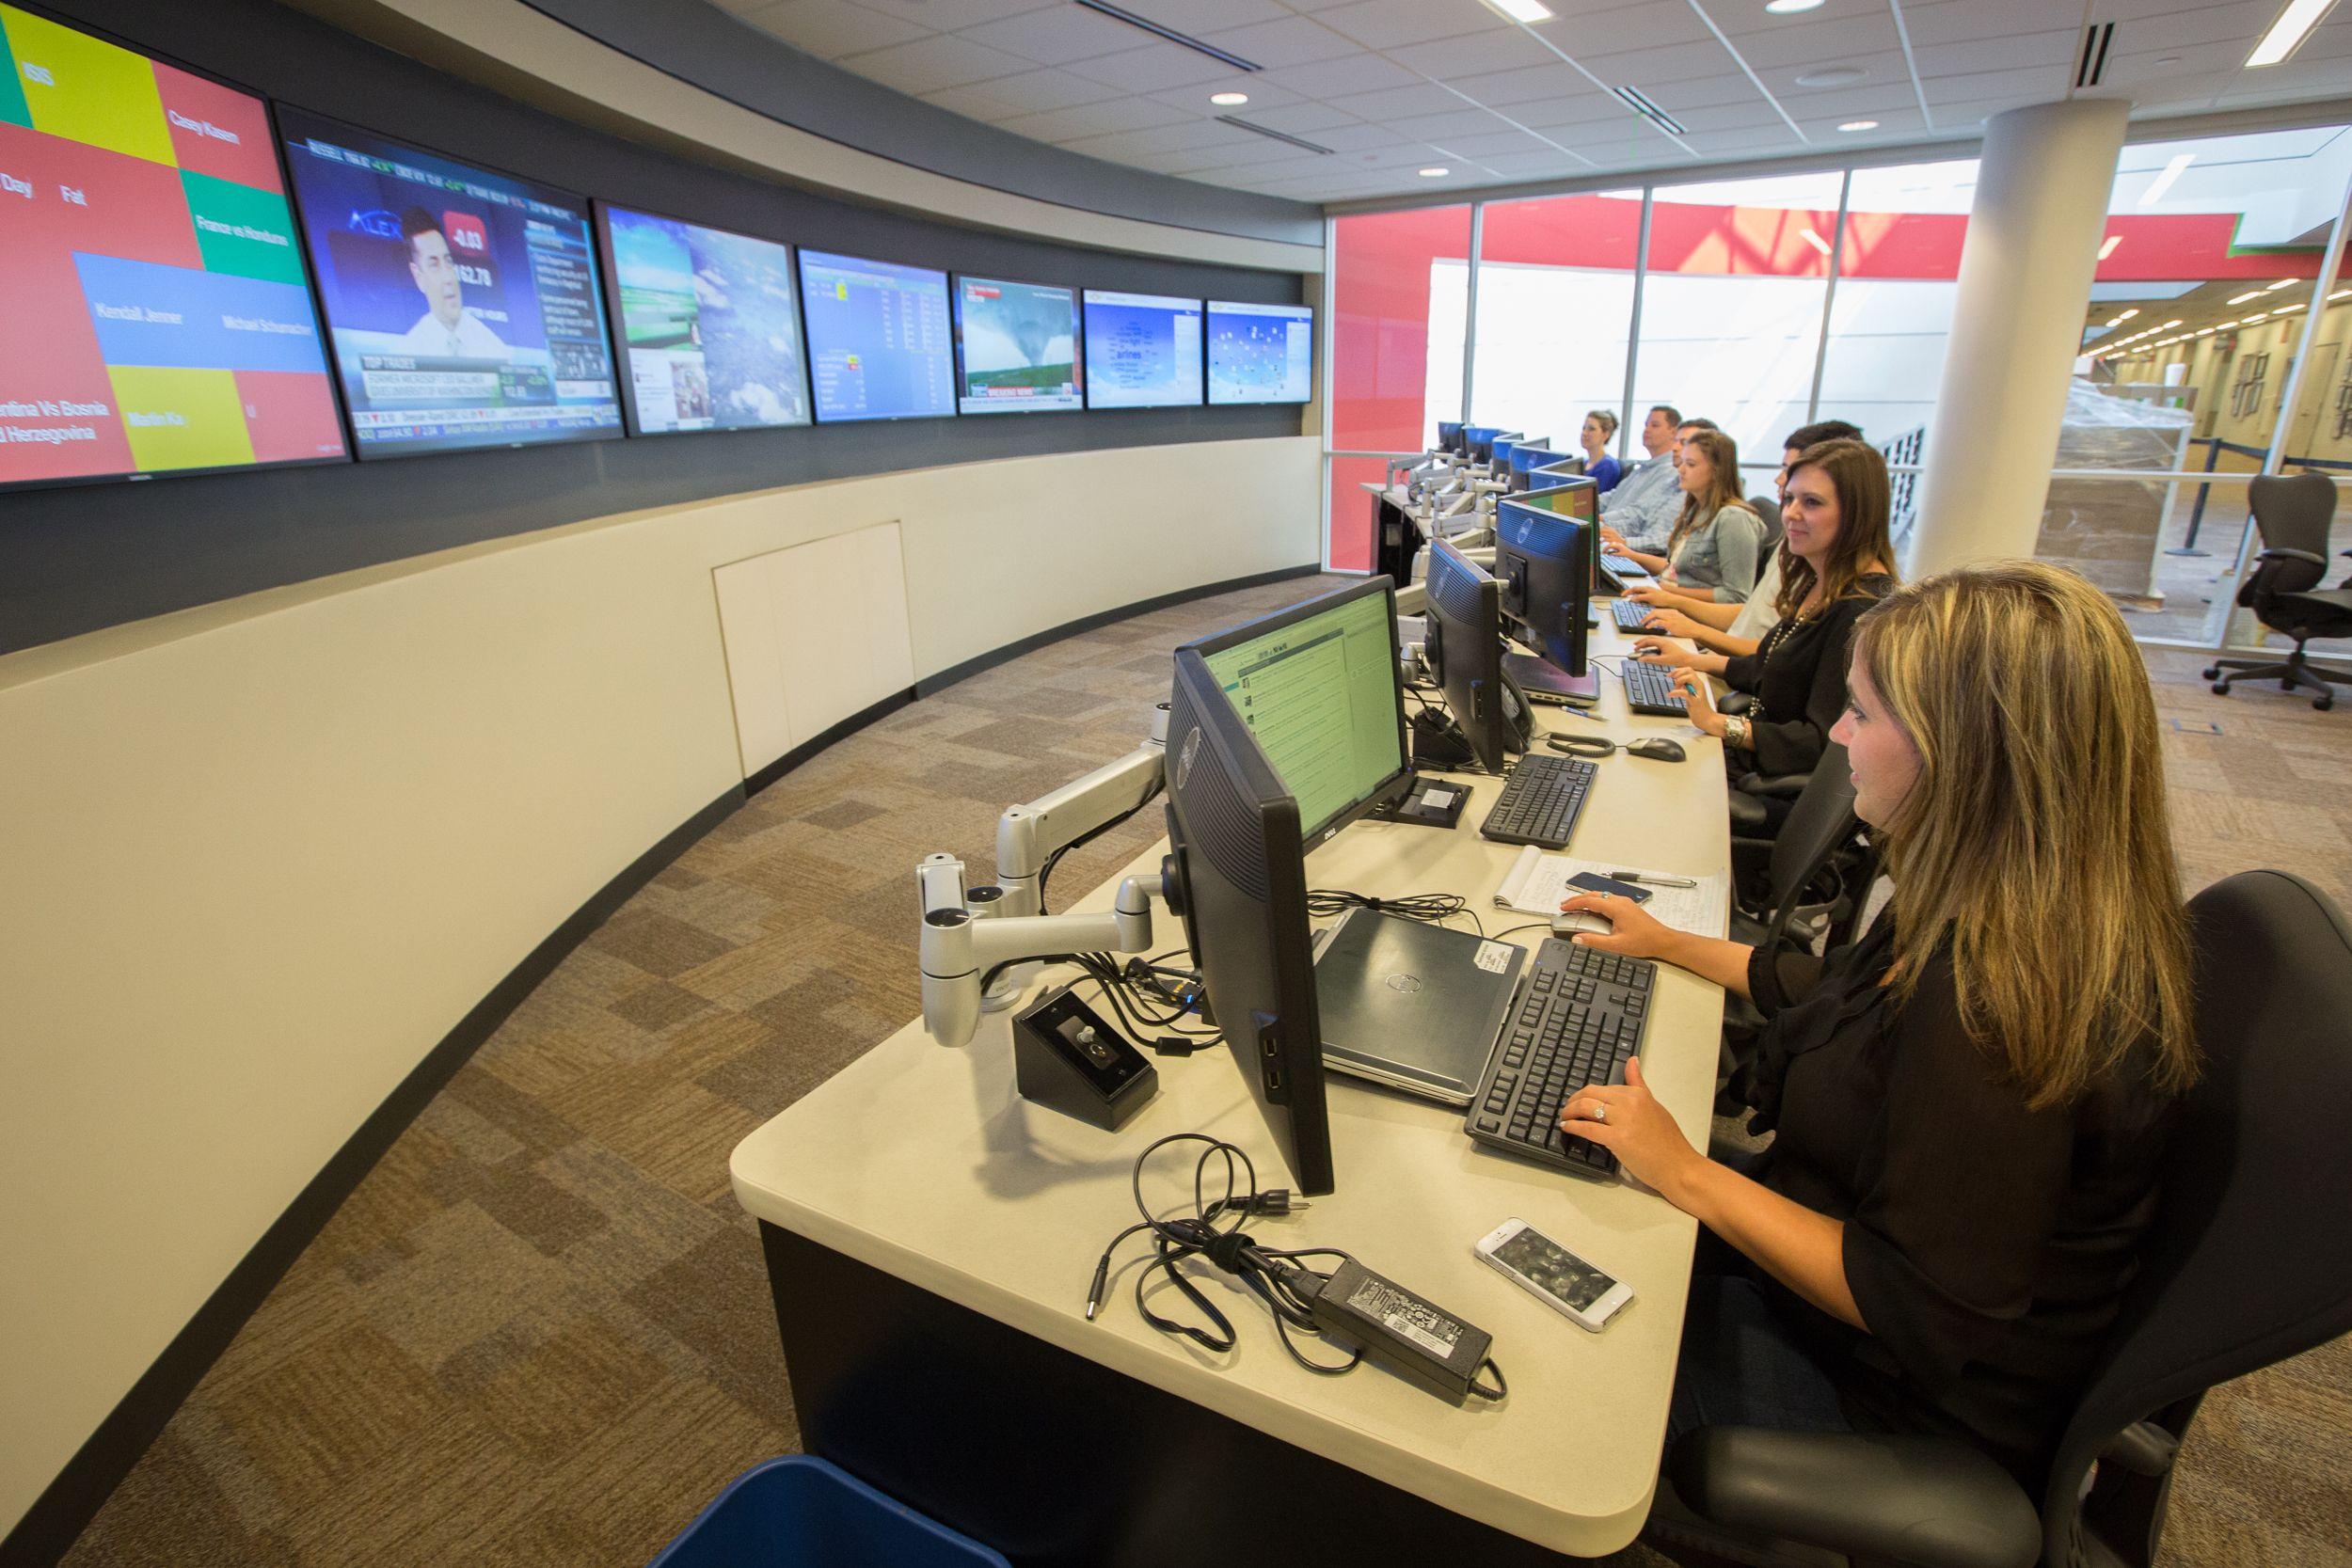 Southwest listening center